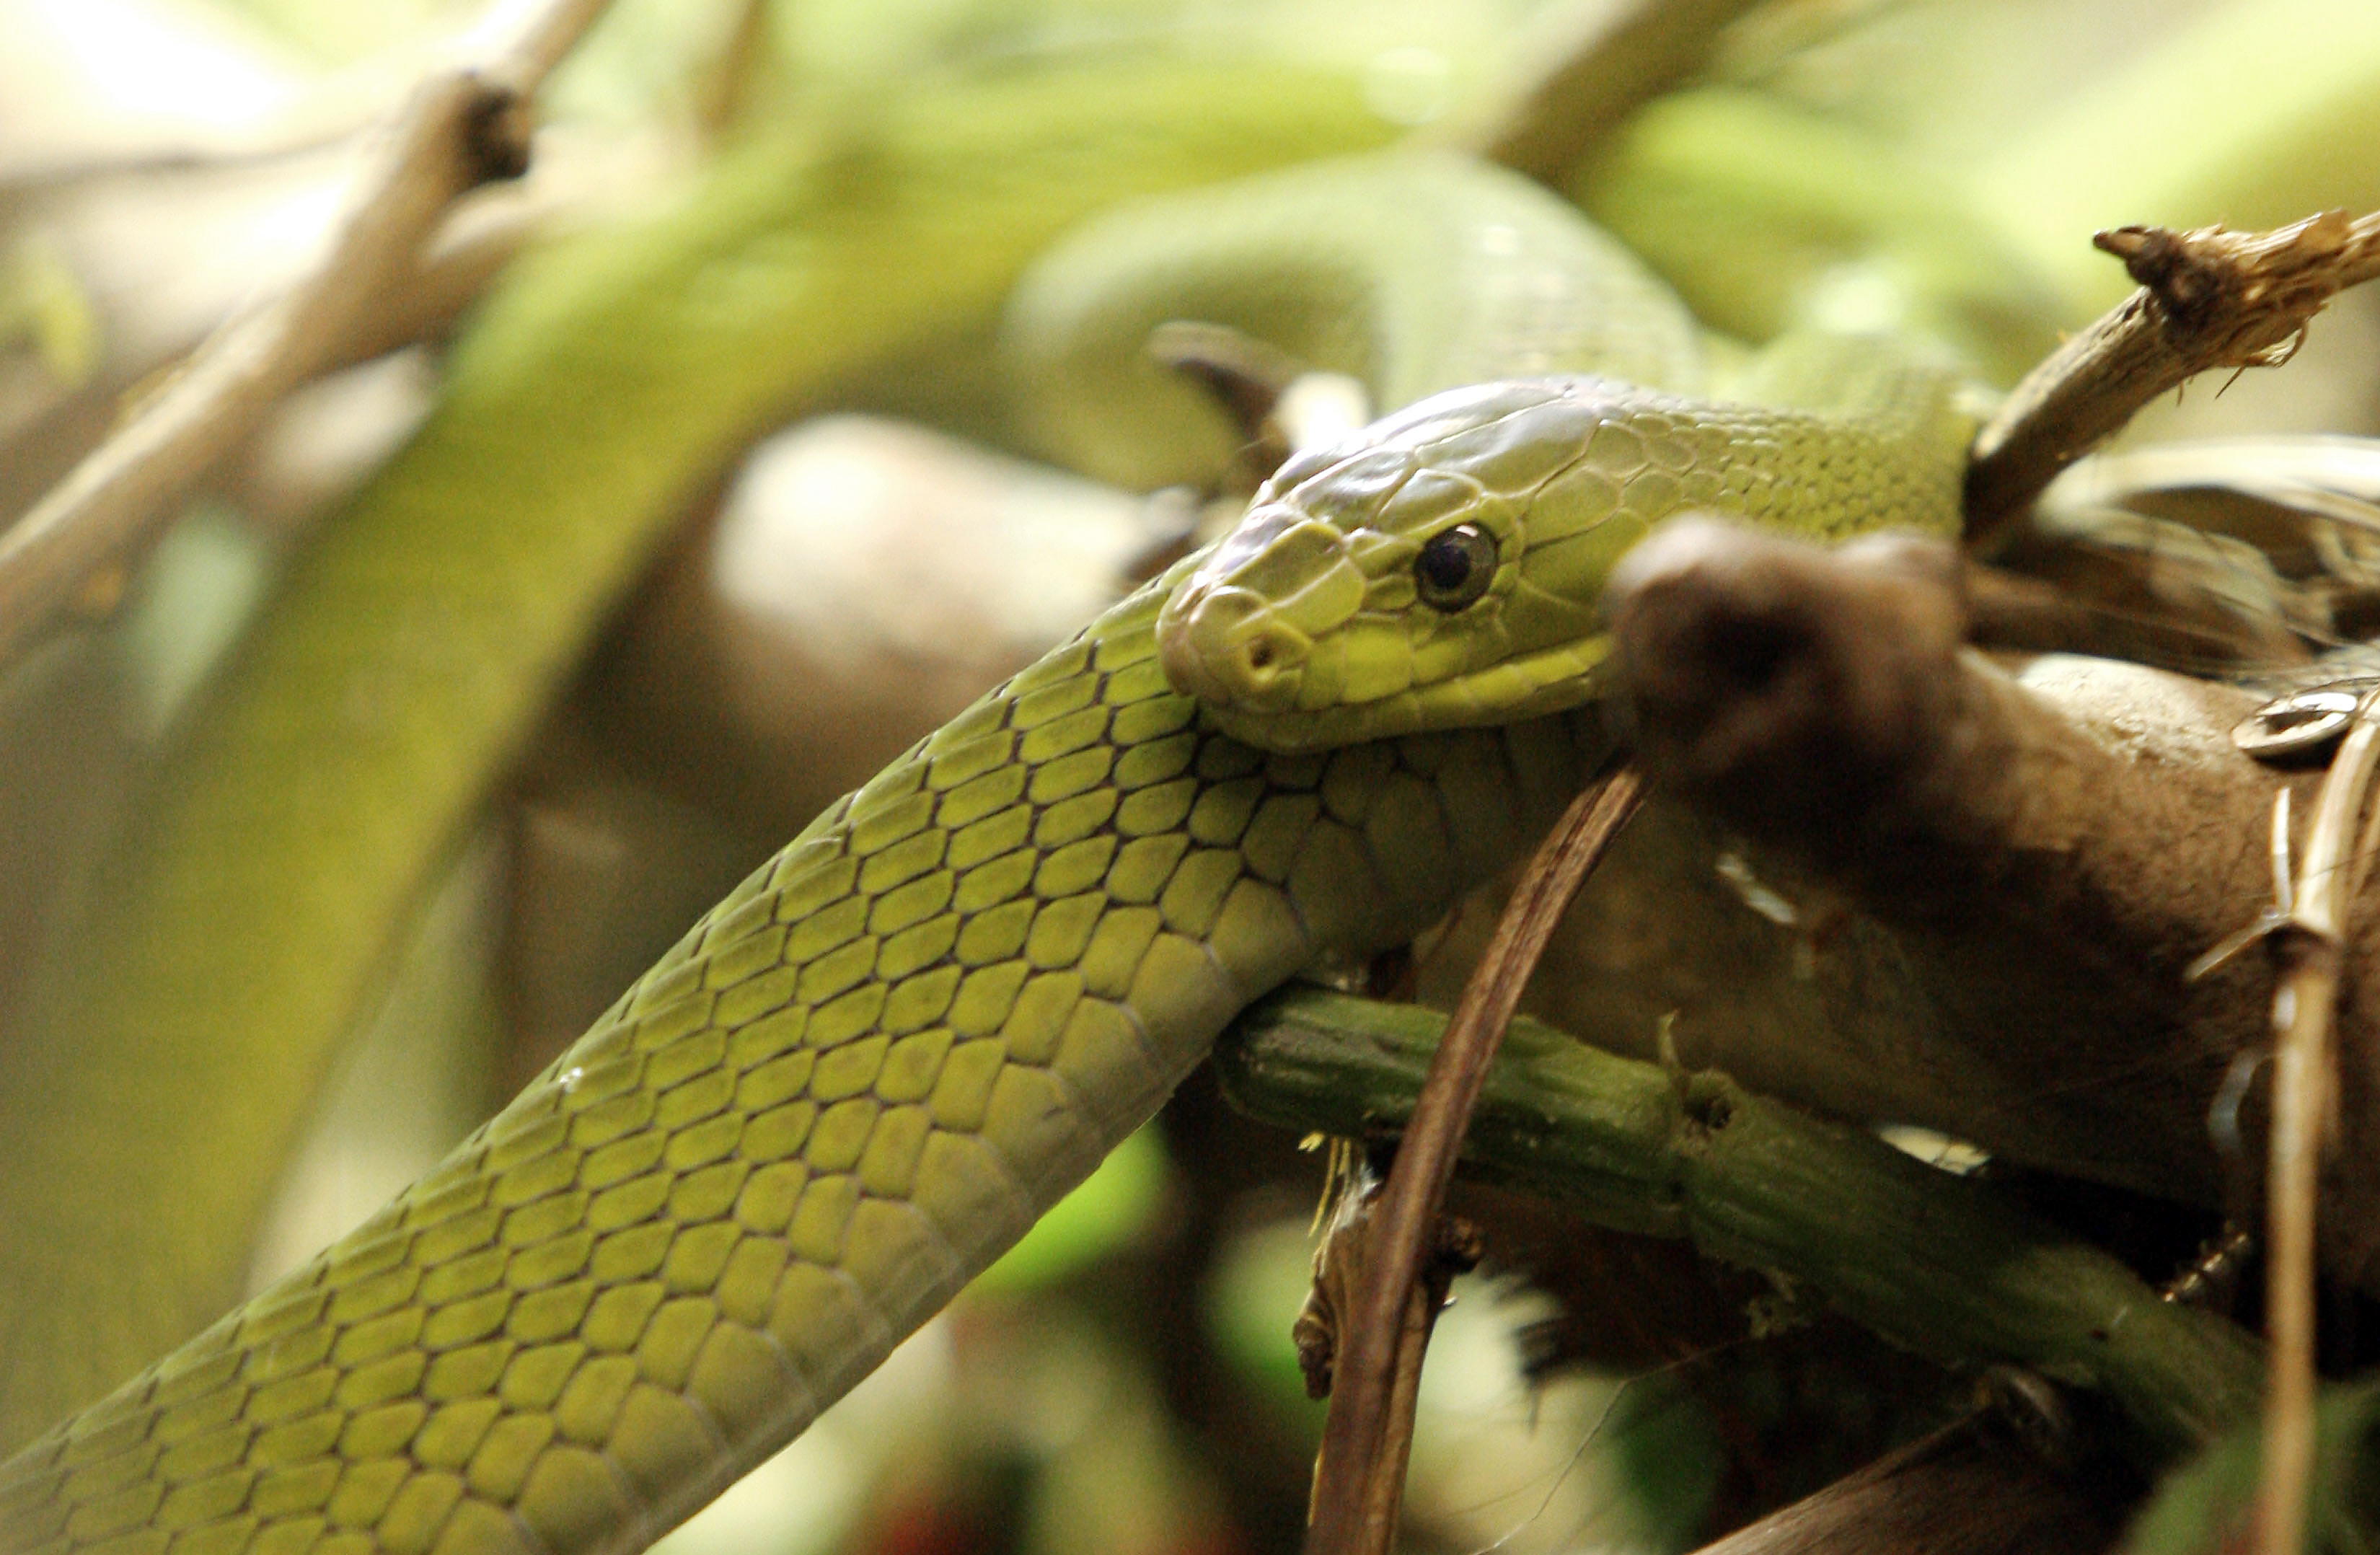 Elkapták a Prágában elszabadult zöld mambát